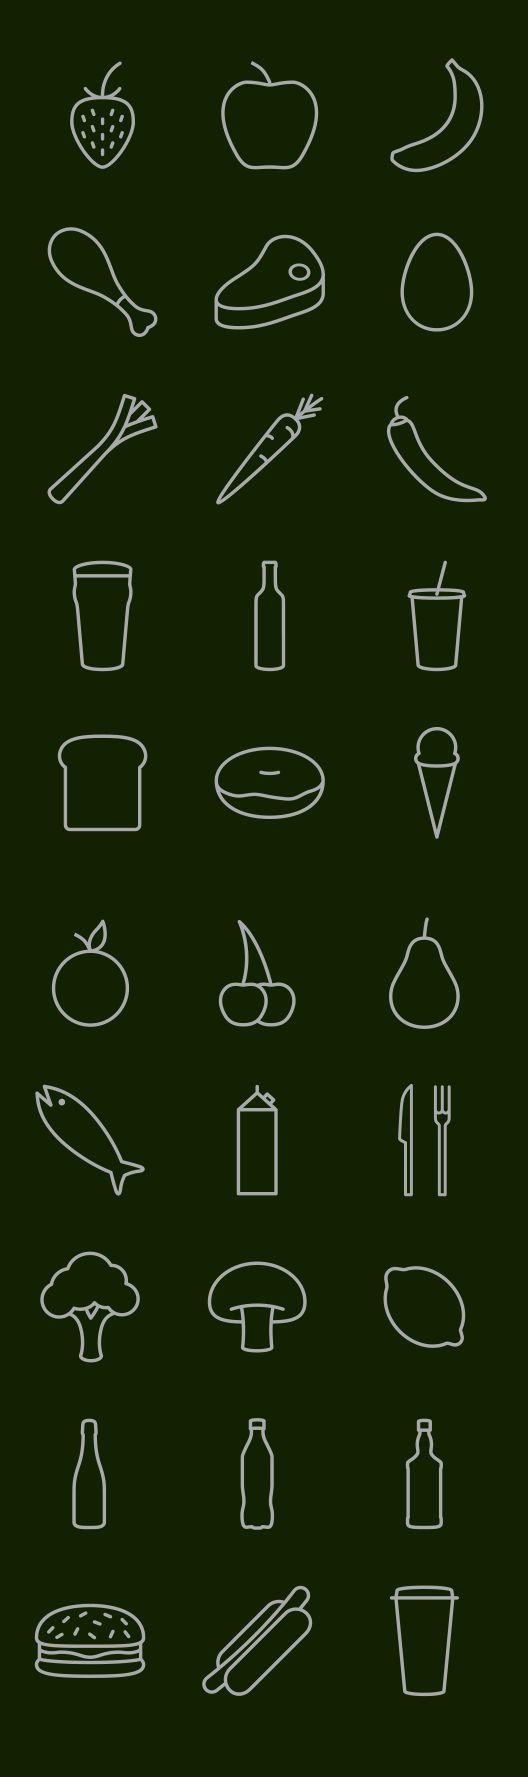 음식 과일 음료 아이콘.AI